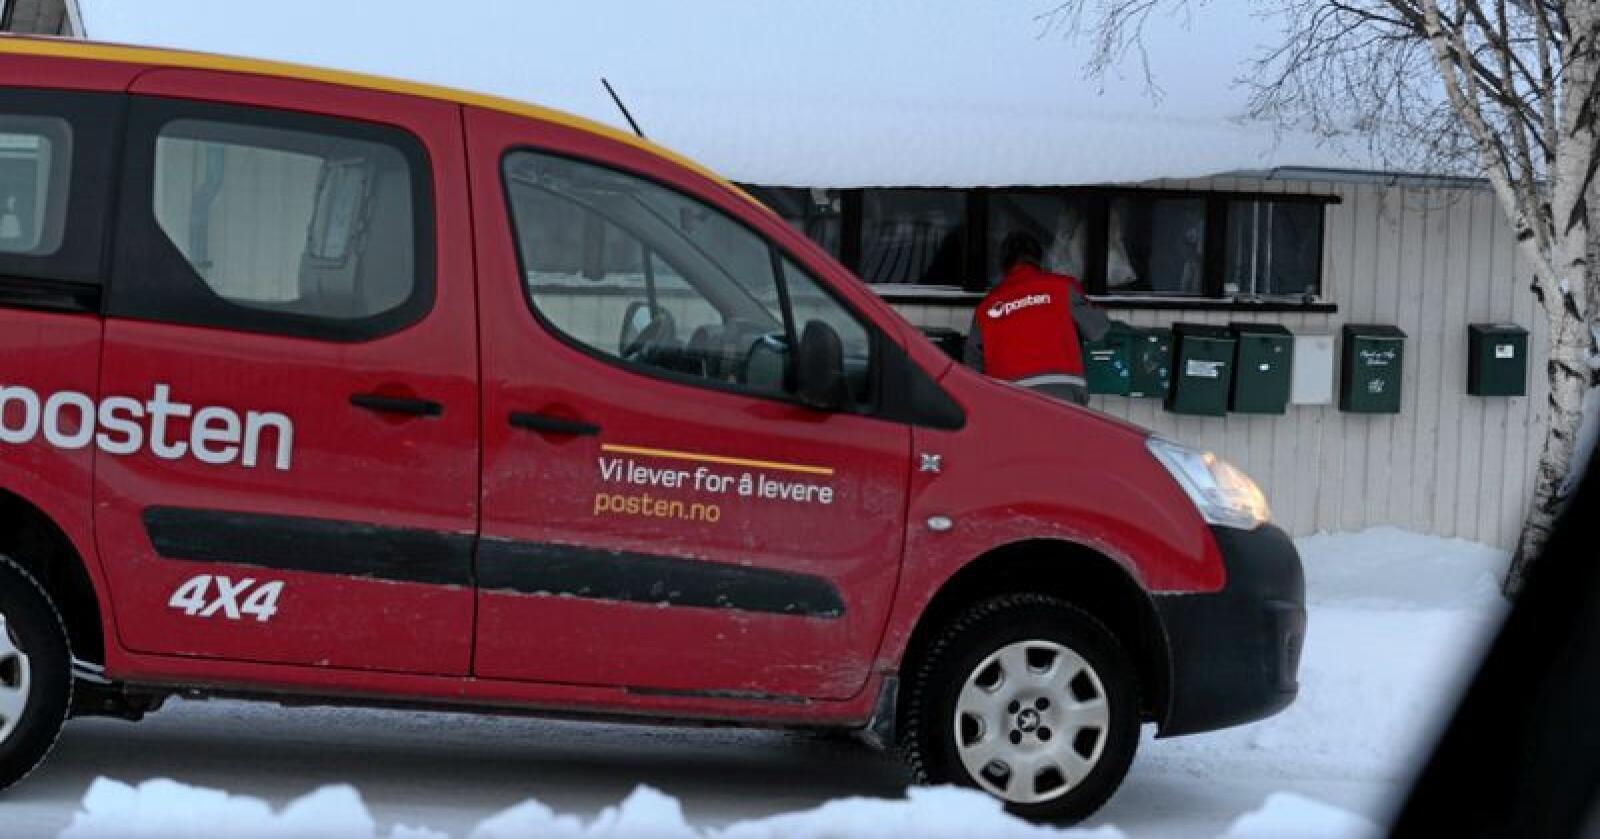 Postombæring i distriktene er kostbart for Posten. Innbyggerne i bygder risikerer derfor lang reisevei til postkassen. Foto: Mariann Tvete